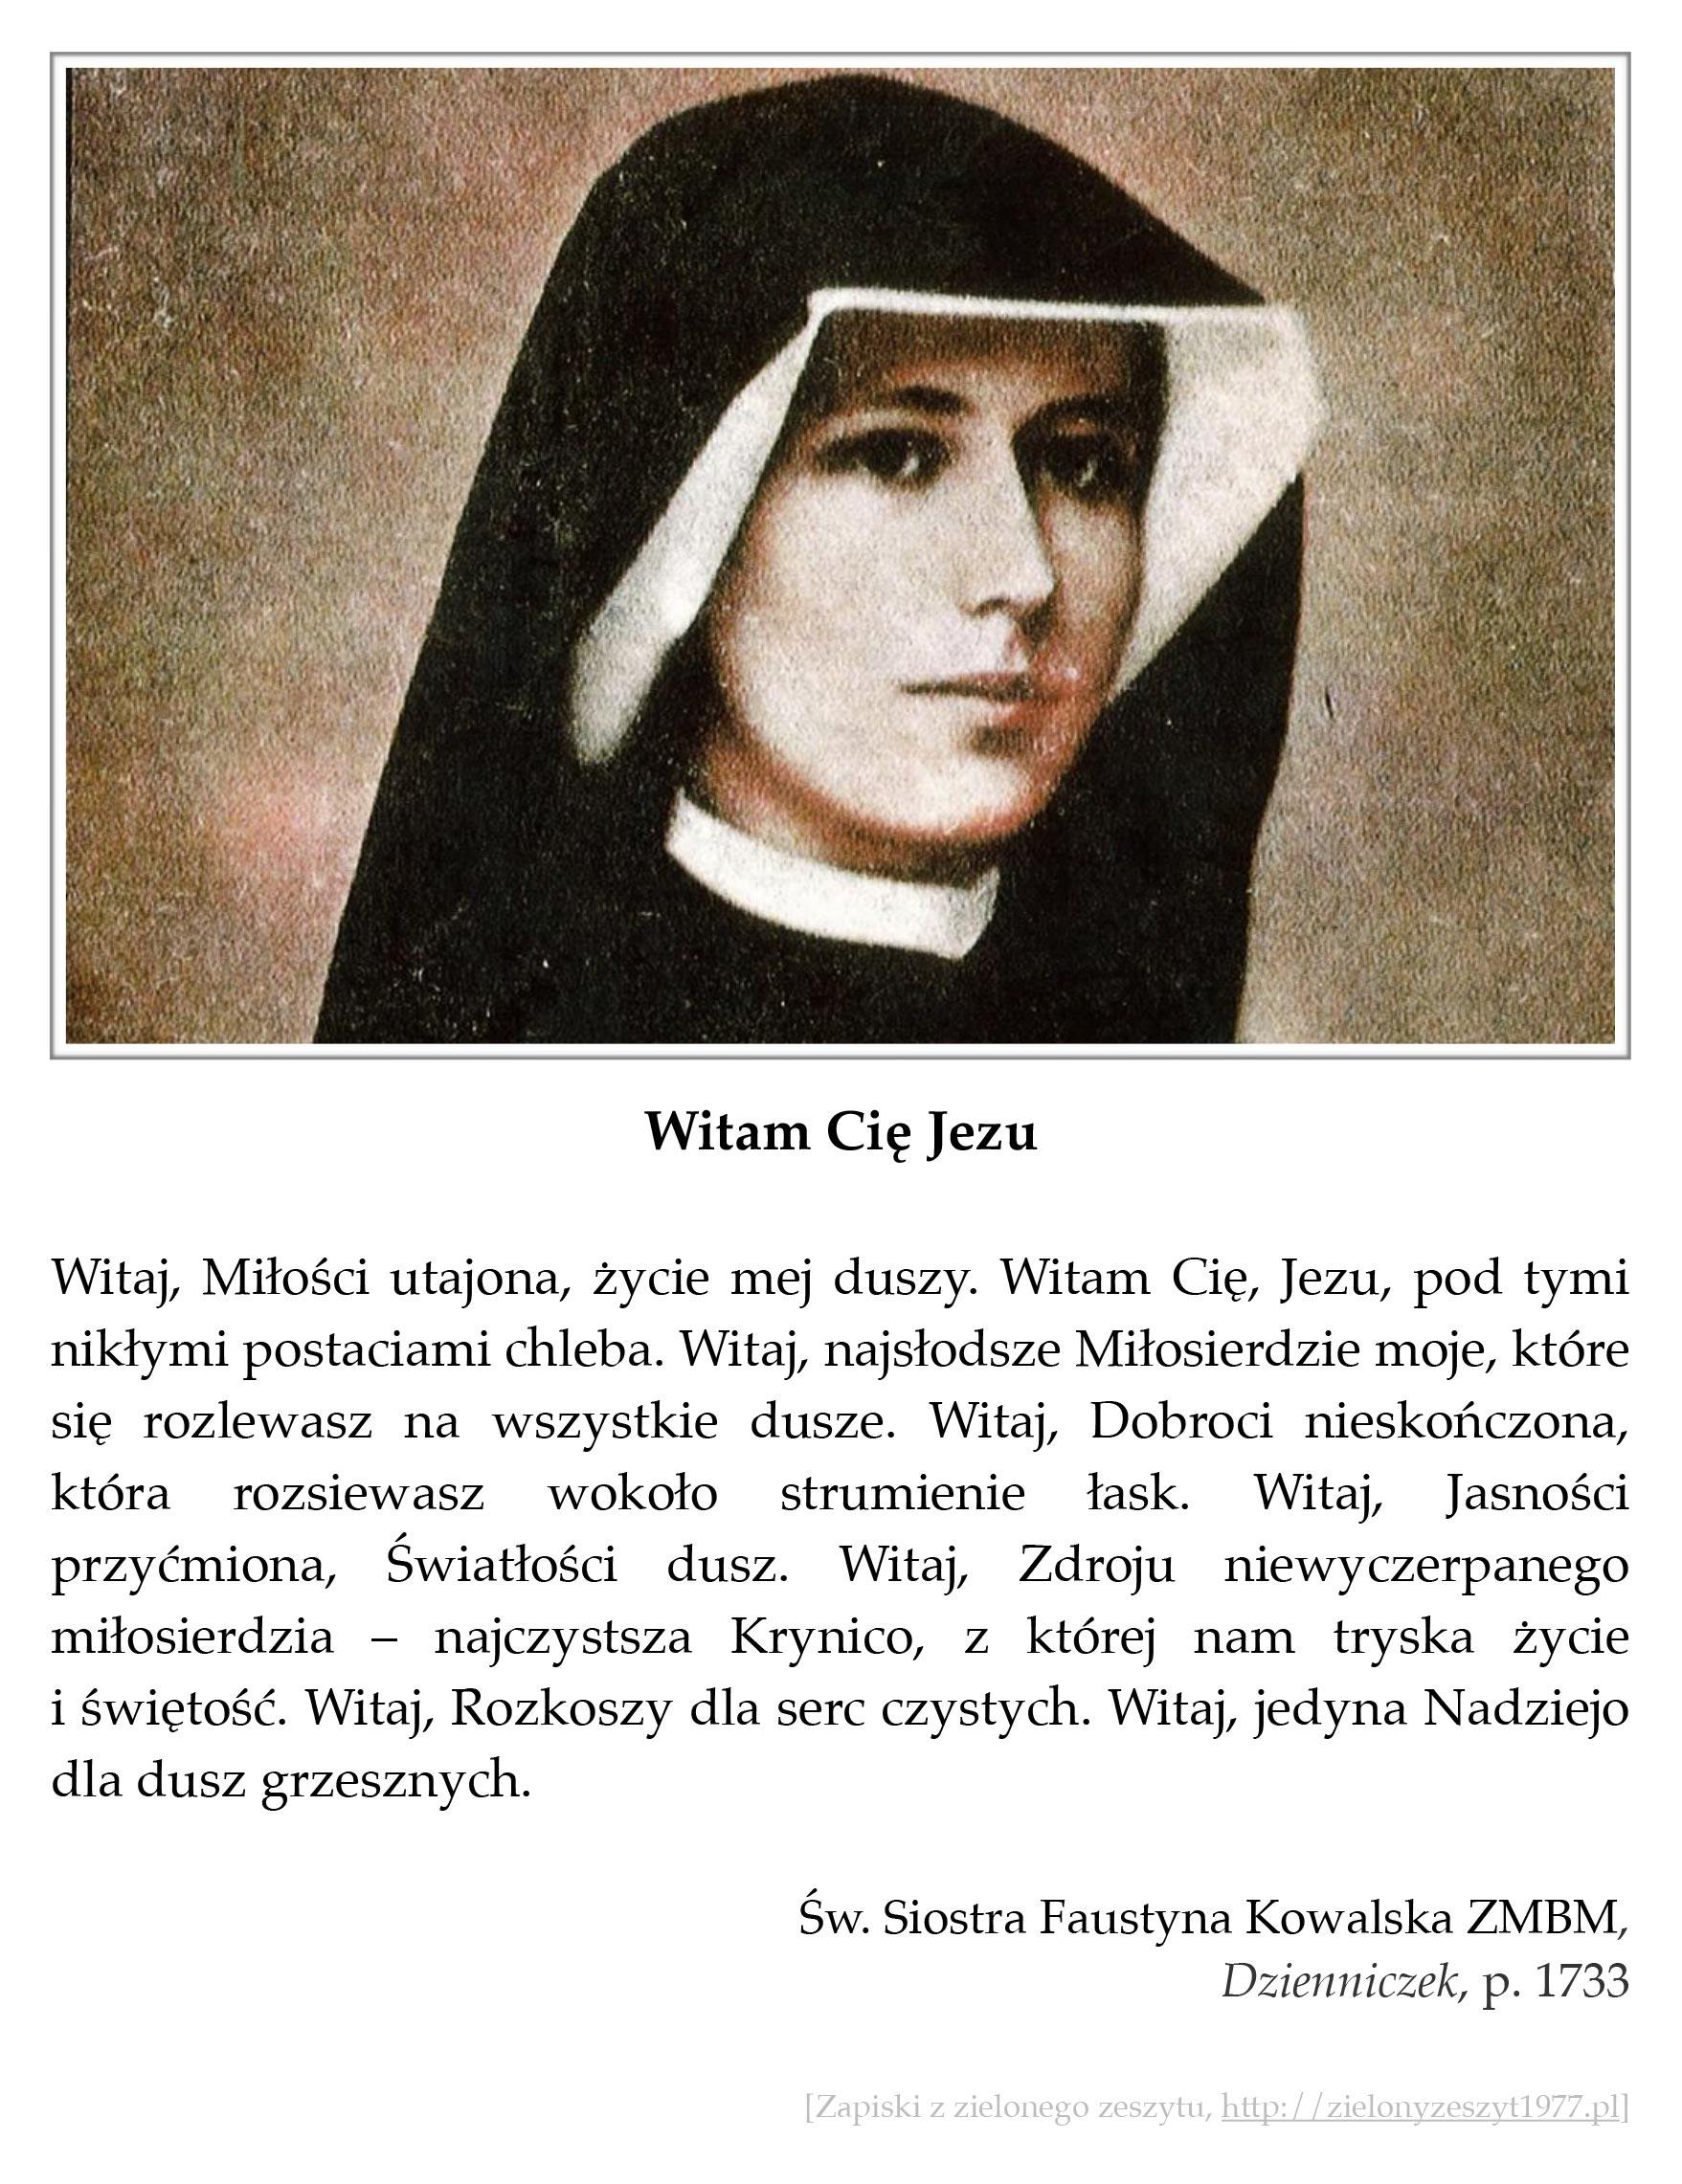 """Św. Siostra Faustyna Kowalska ZMBM, """"Dzienniczek"""", p. 1733 (Witam Cię Jezu)"""